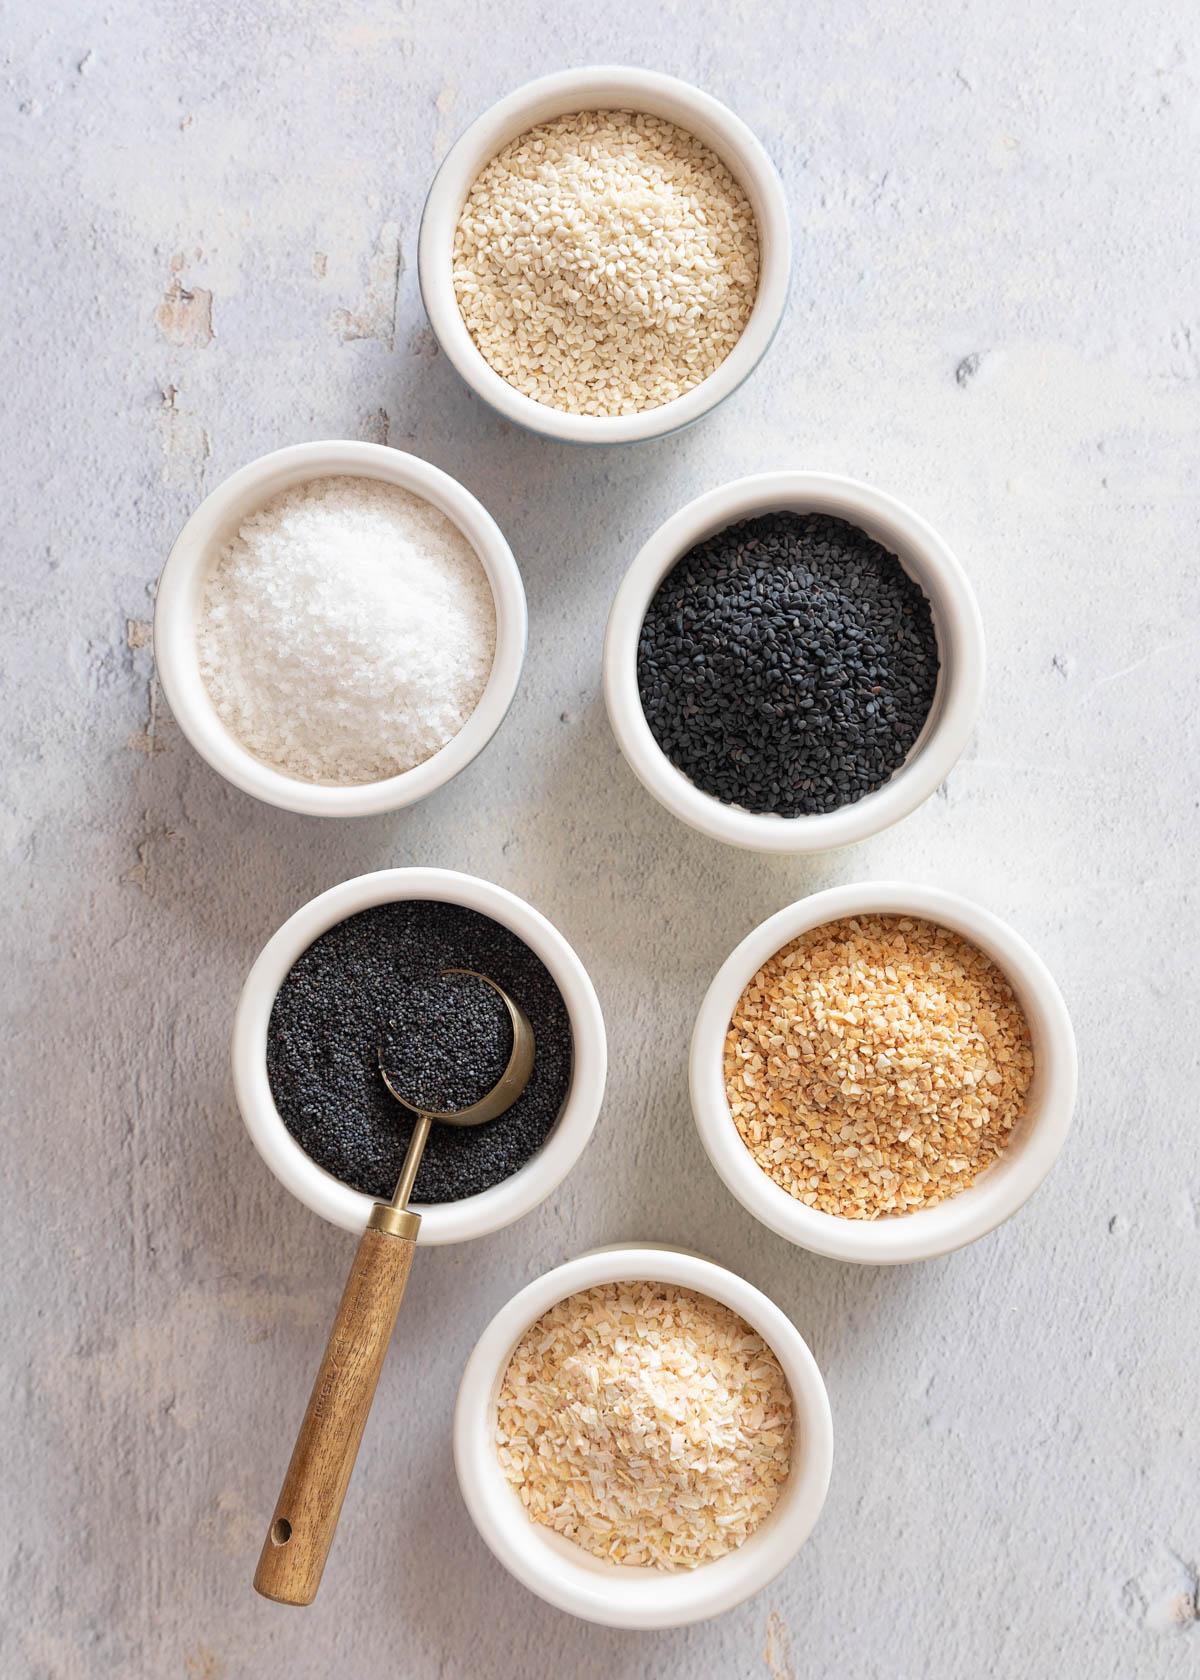 ingredients to make homemade everything bagel seasoning in ceramic bowls